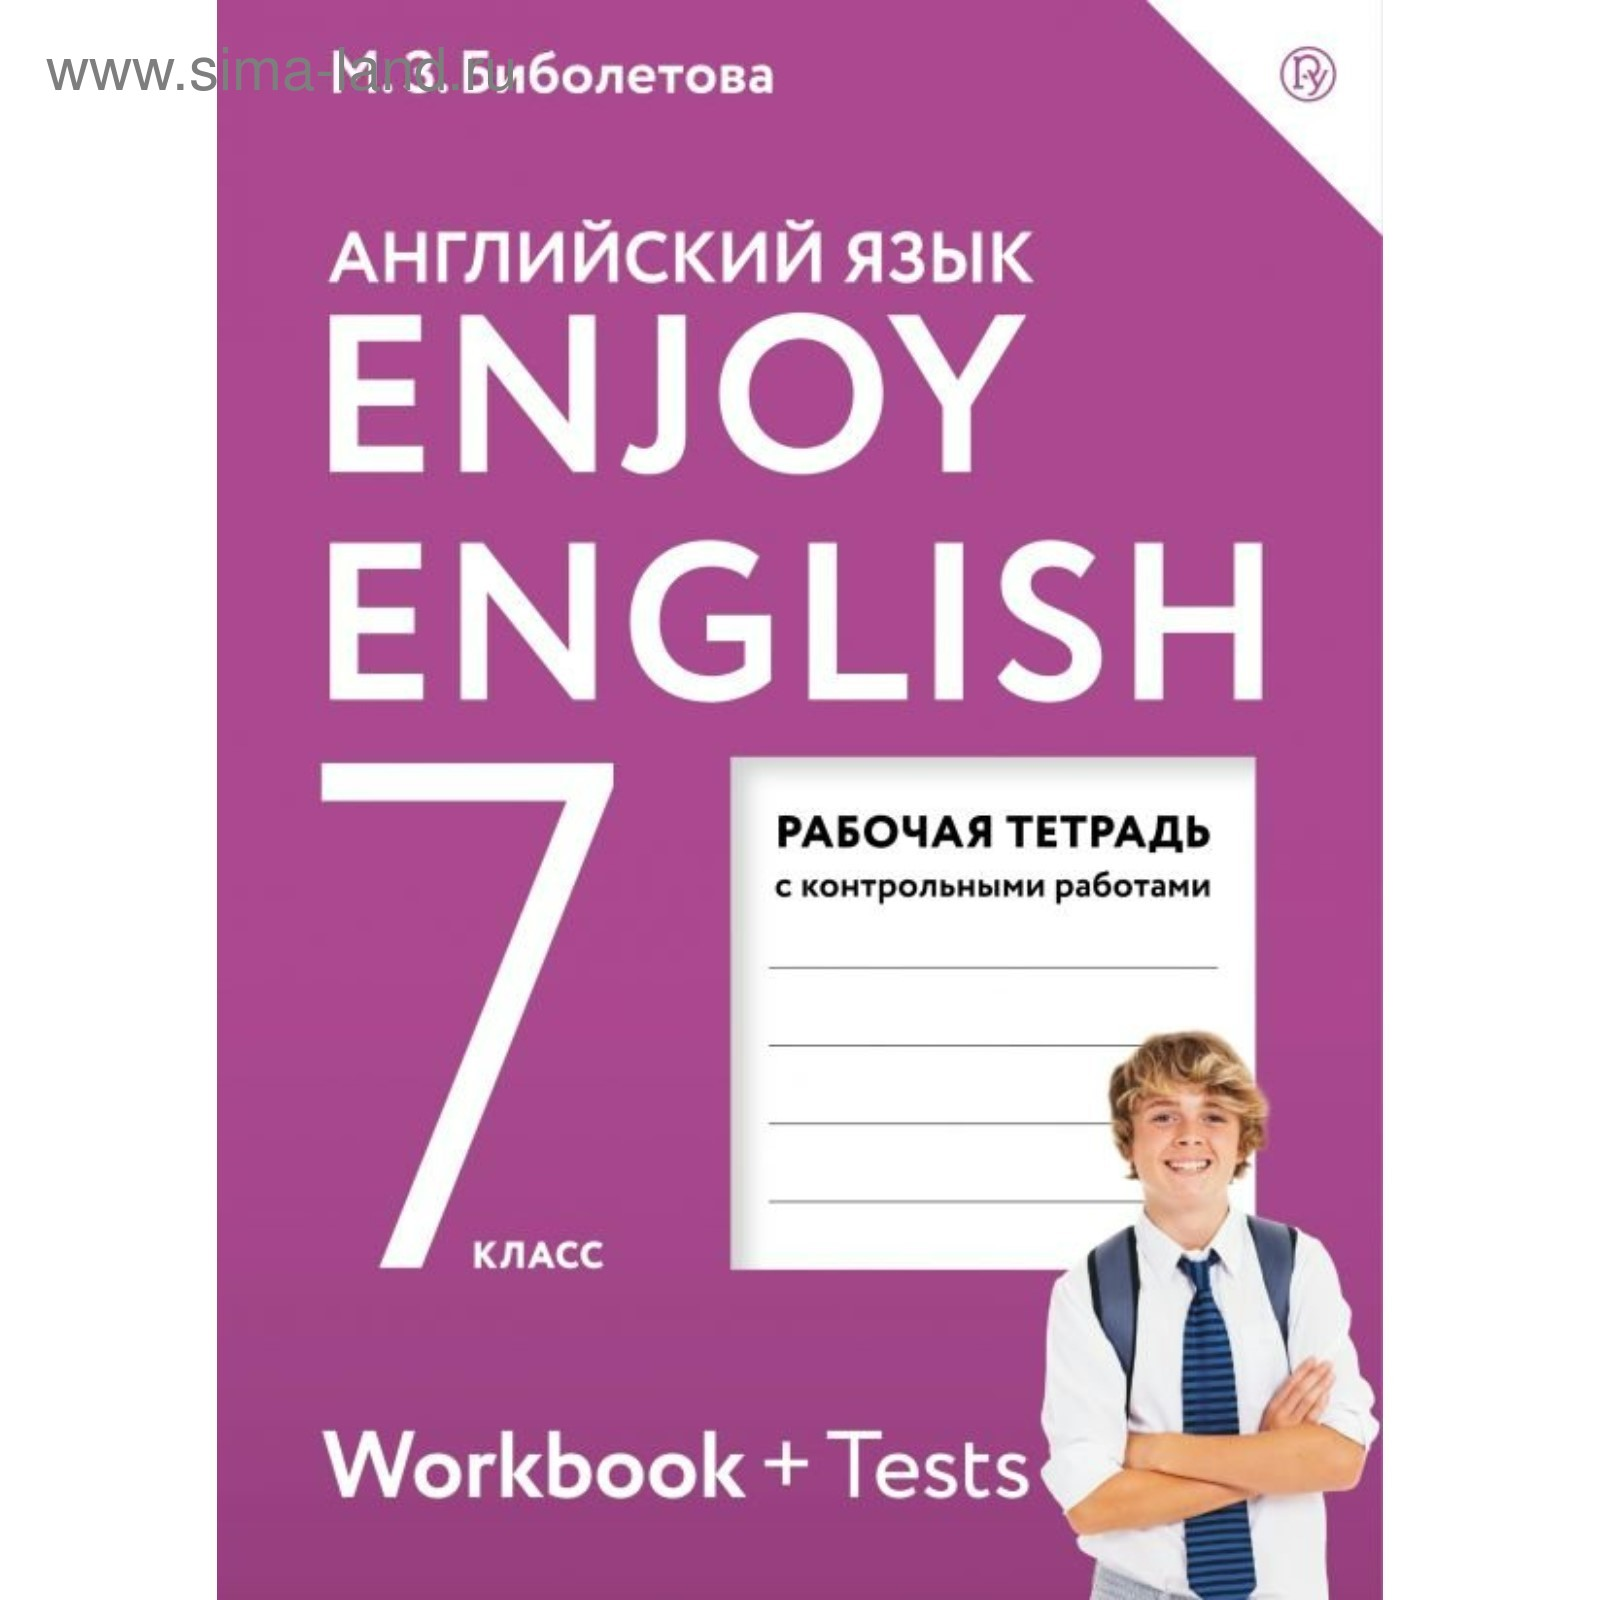 Enjoy english 7 рабочая тетрадь с контрольными работами 5354